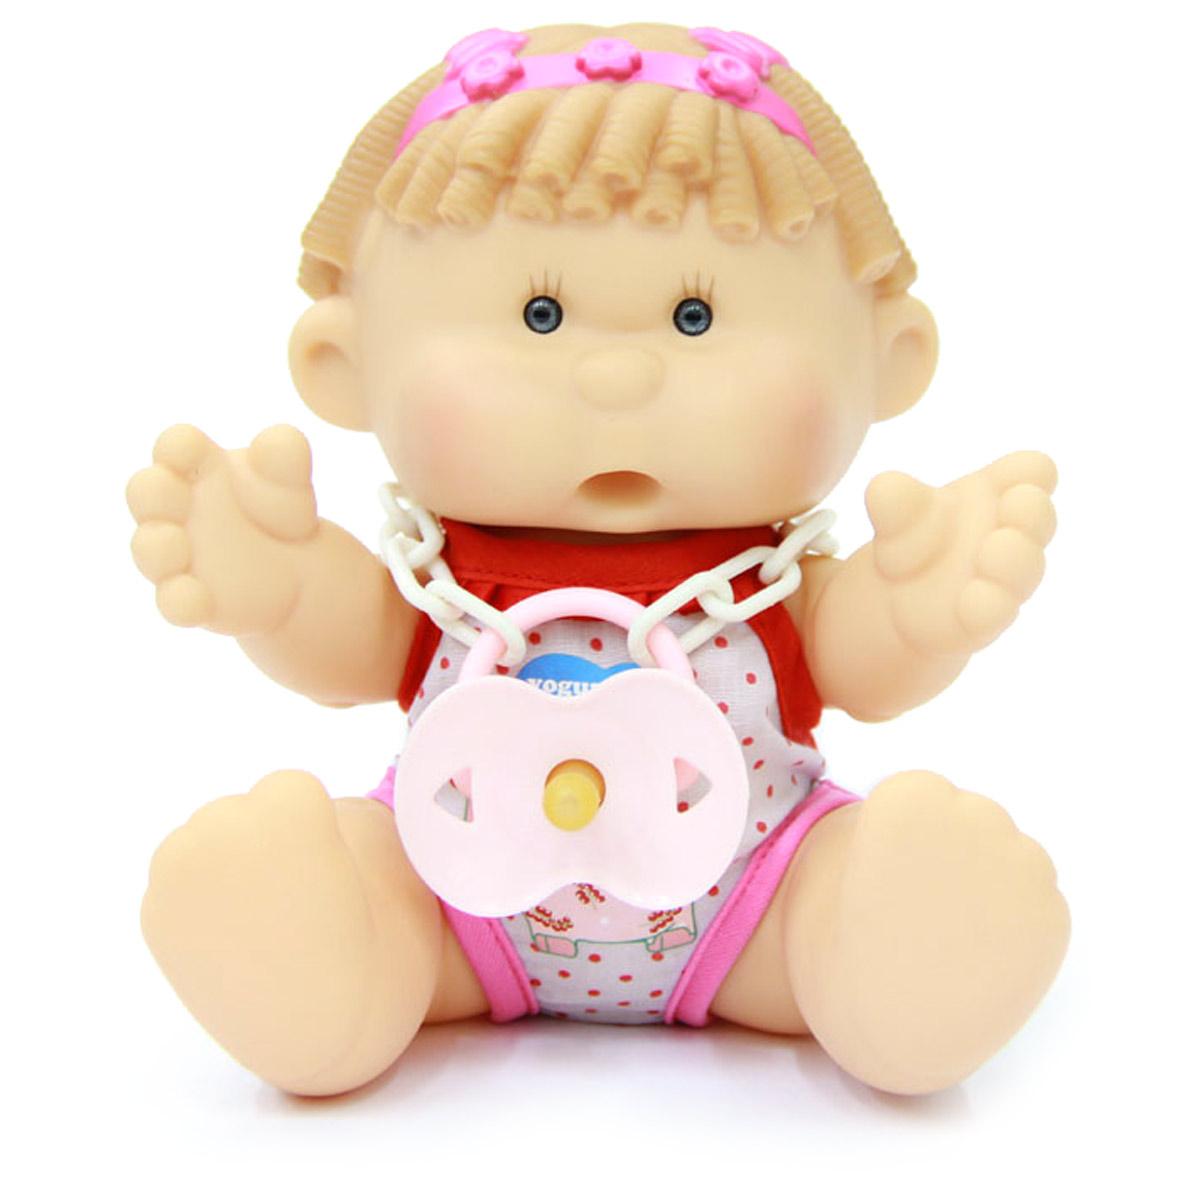 Yogurtinis Пупс Инесс Смородина yogurtinis пупс с мягконабивным телом с